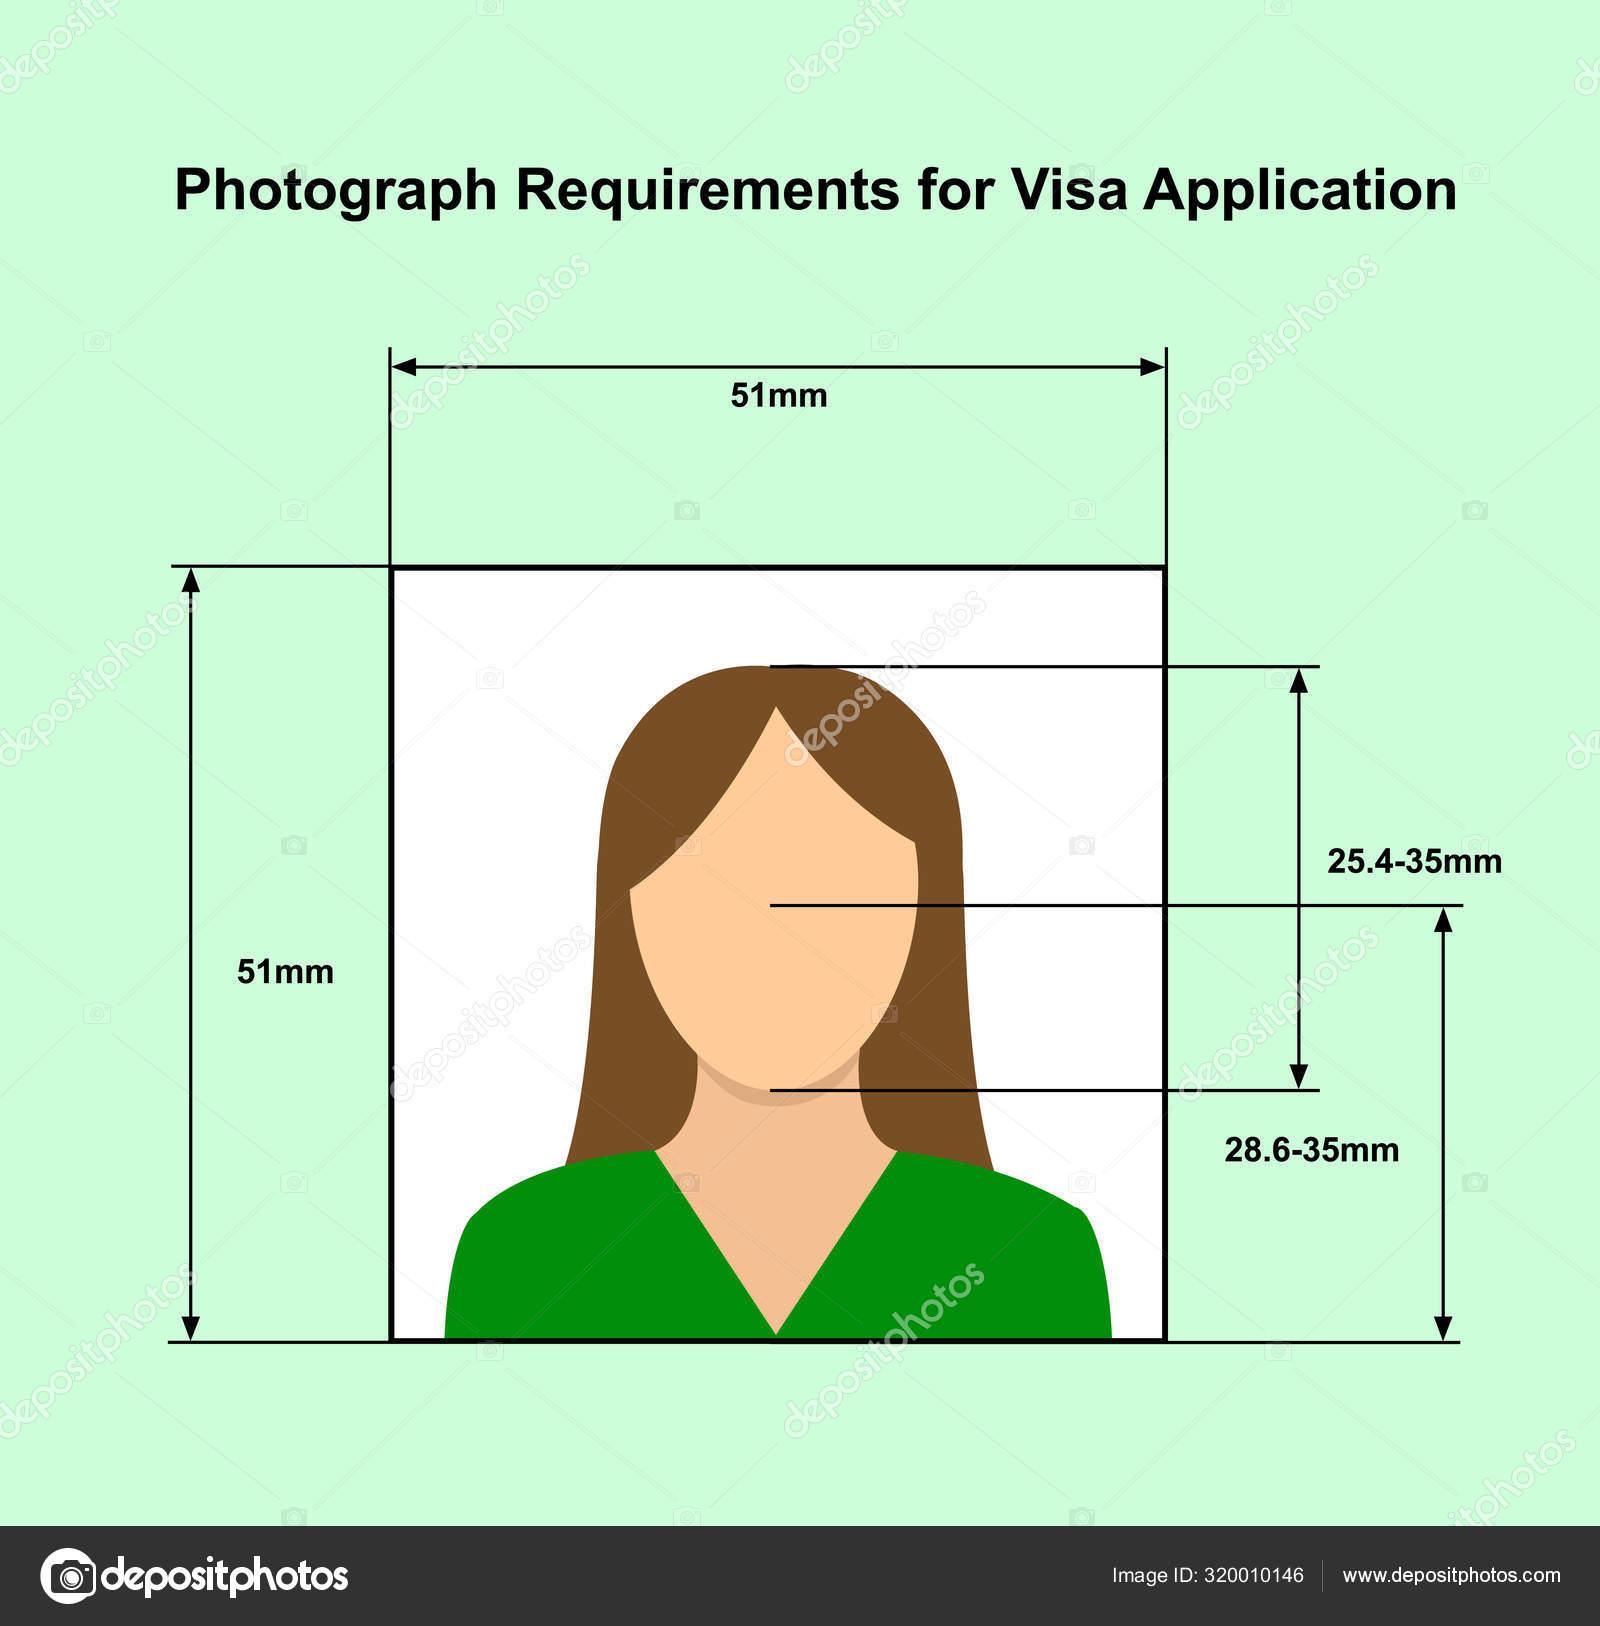 основном все требования к фото для печати отношения целом